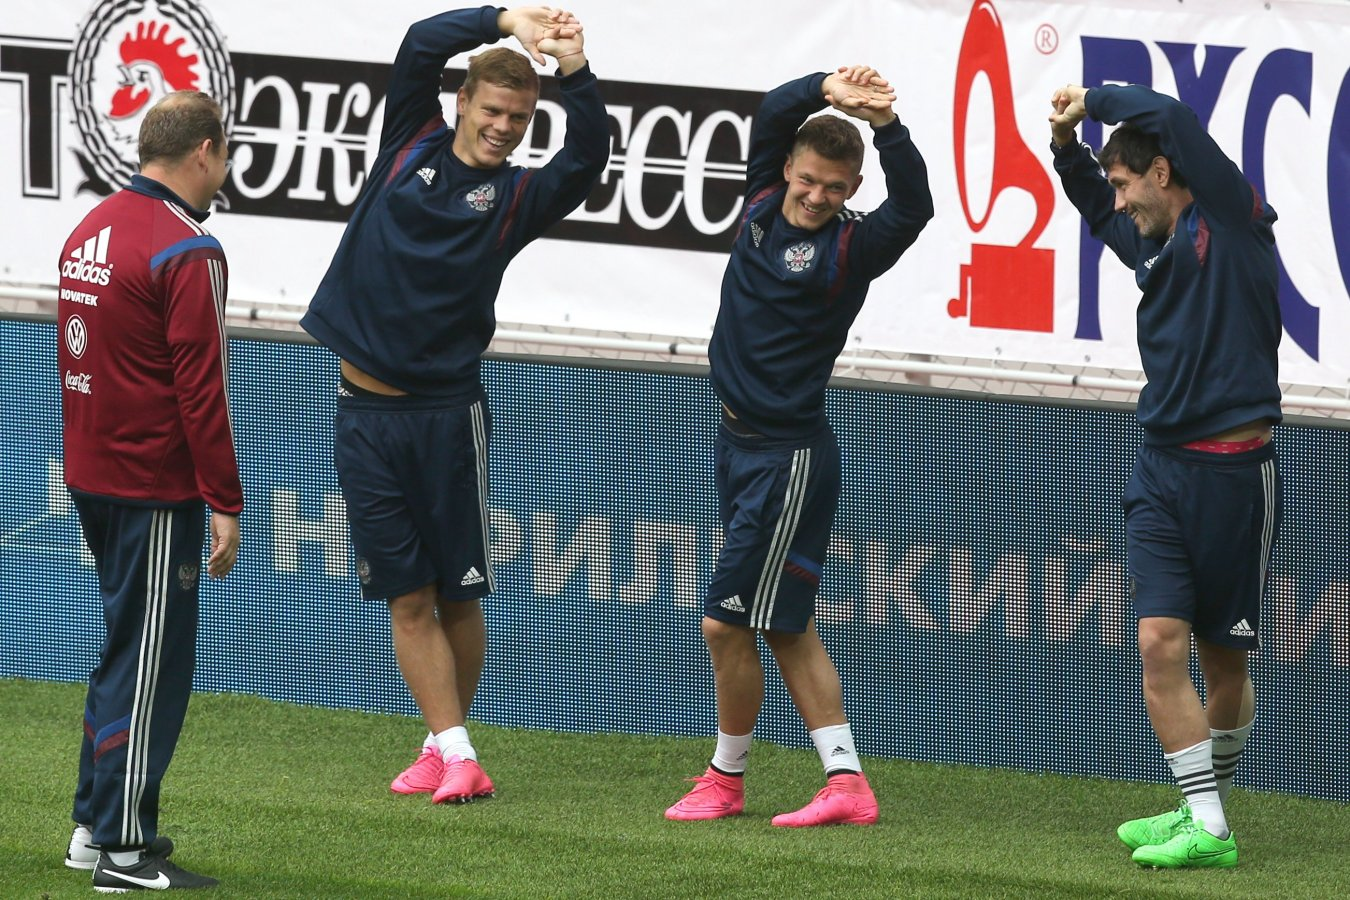 Жирков: Слуцкий 15 минут меня отчитывал, хотелось встать и сказать: Да пошли вы!